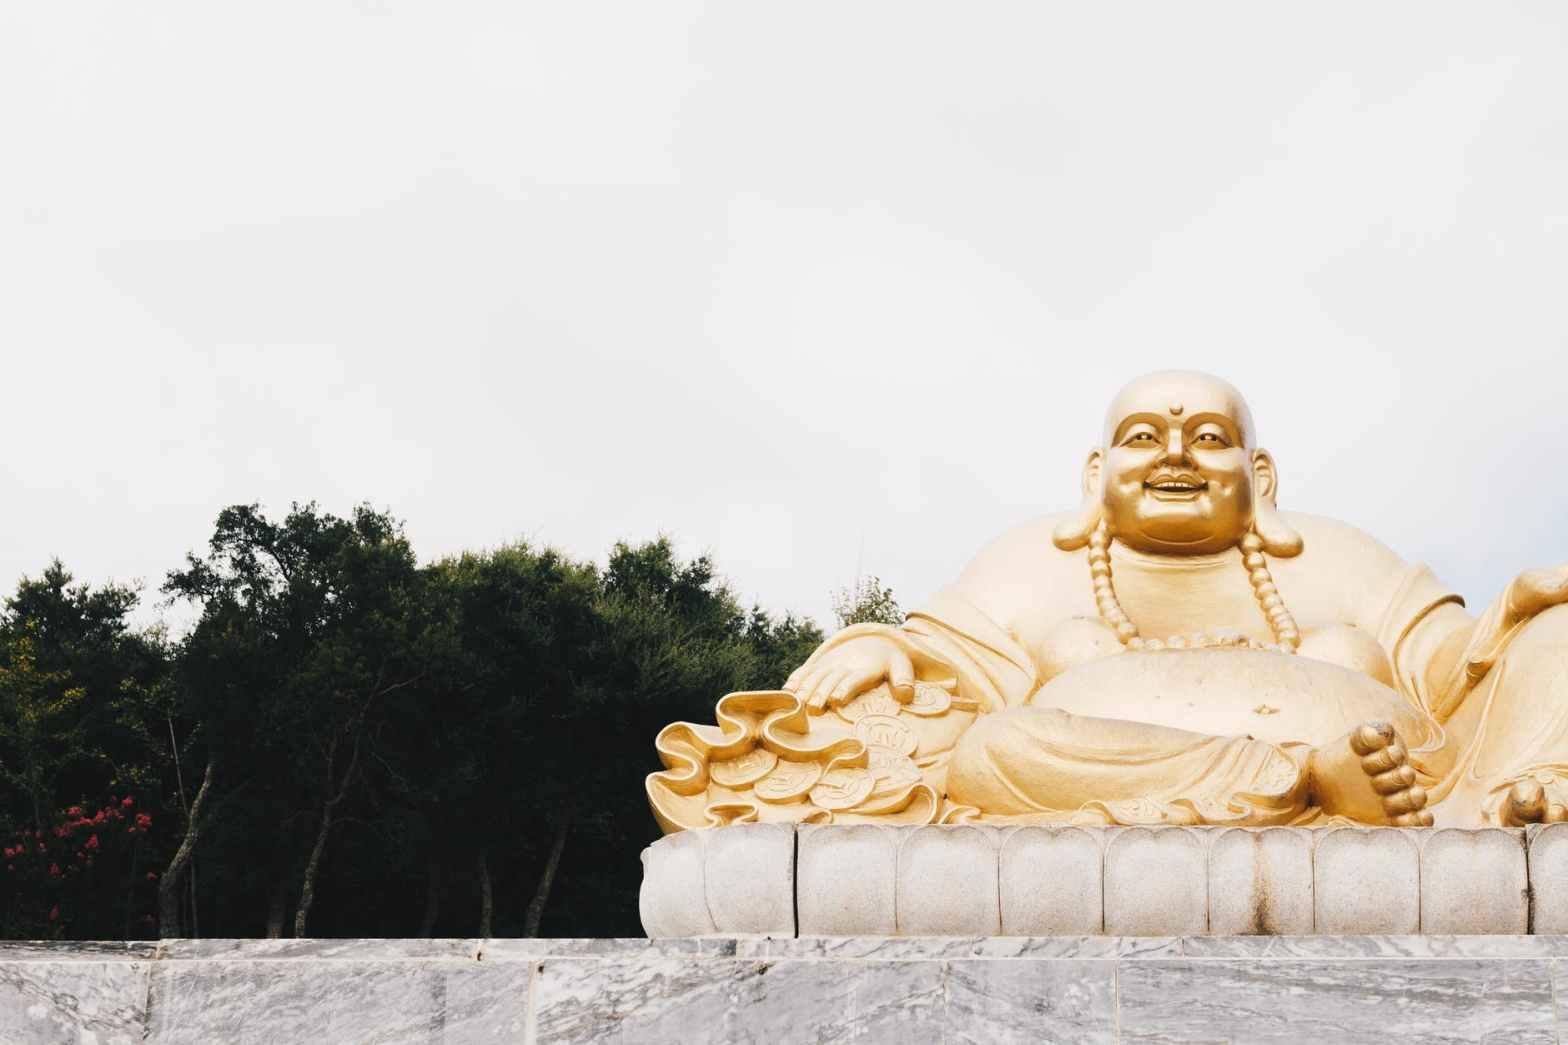 gold buddah statue